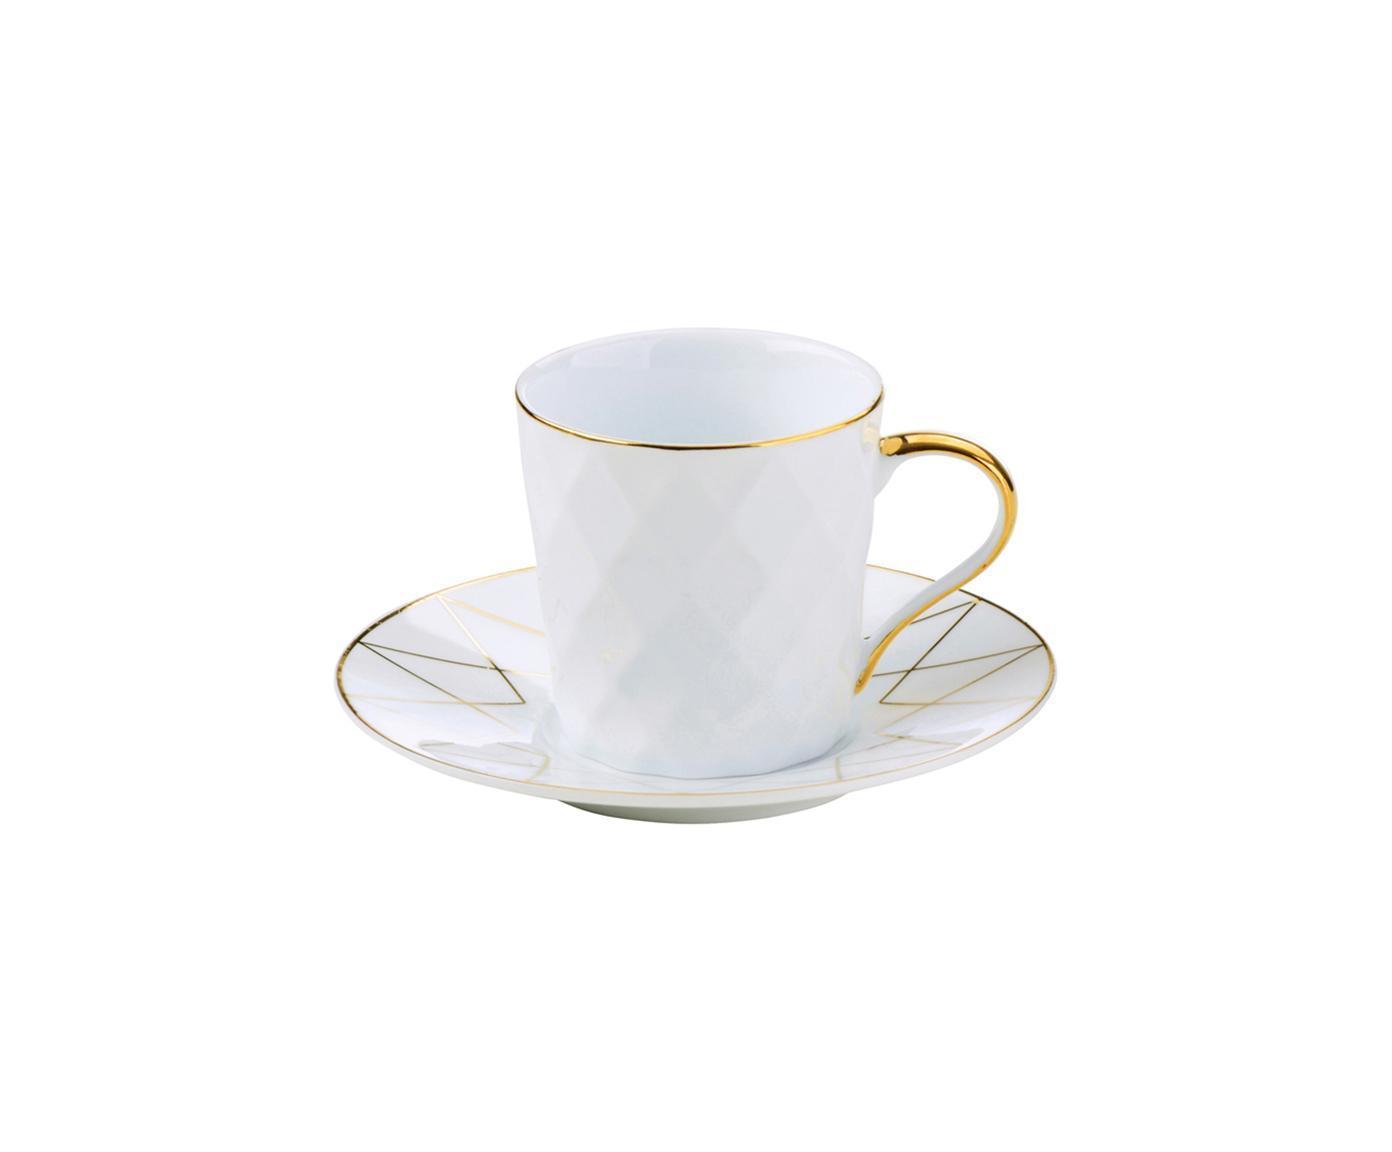 Set de tazas de café Lux, 6pzas., Porcelana, Blanco, dorado, Ø 12 x Al 6 cm